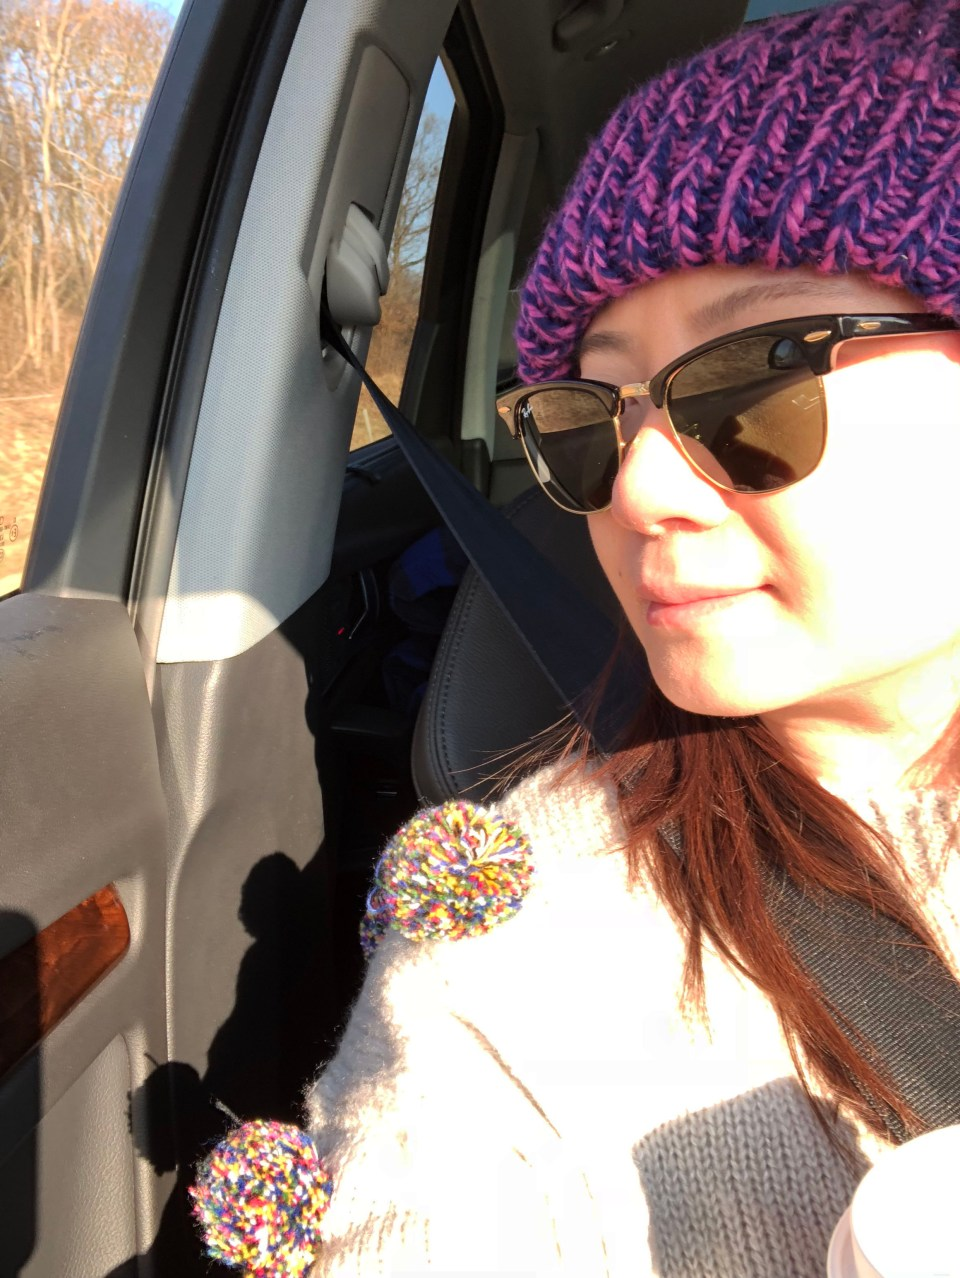 DC Road trip